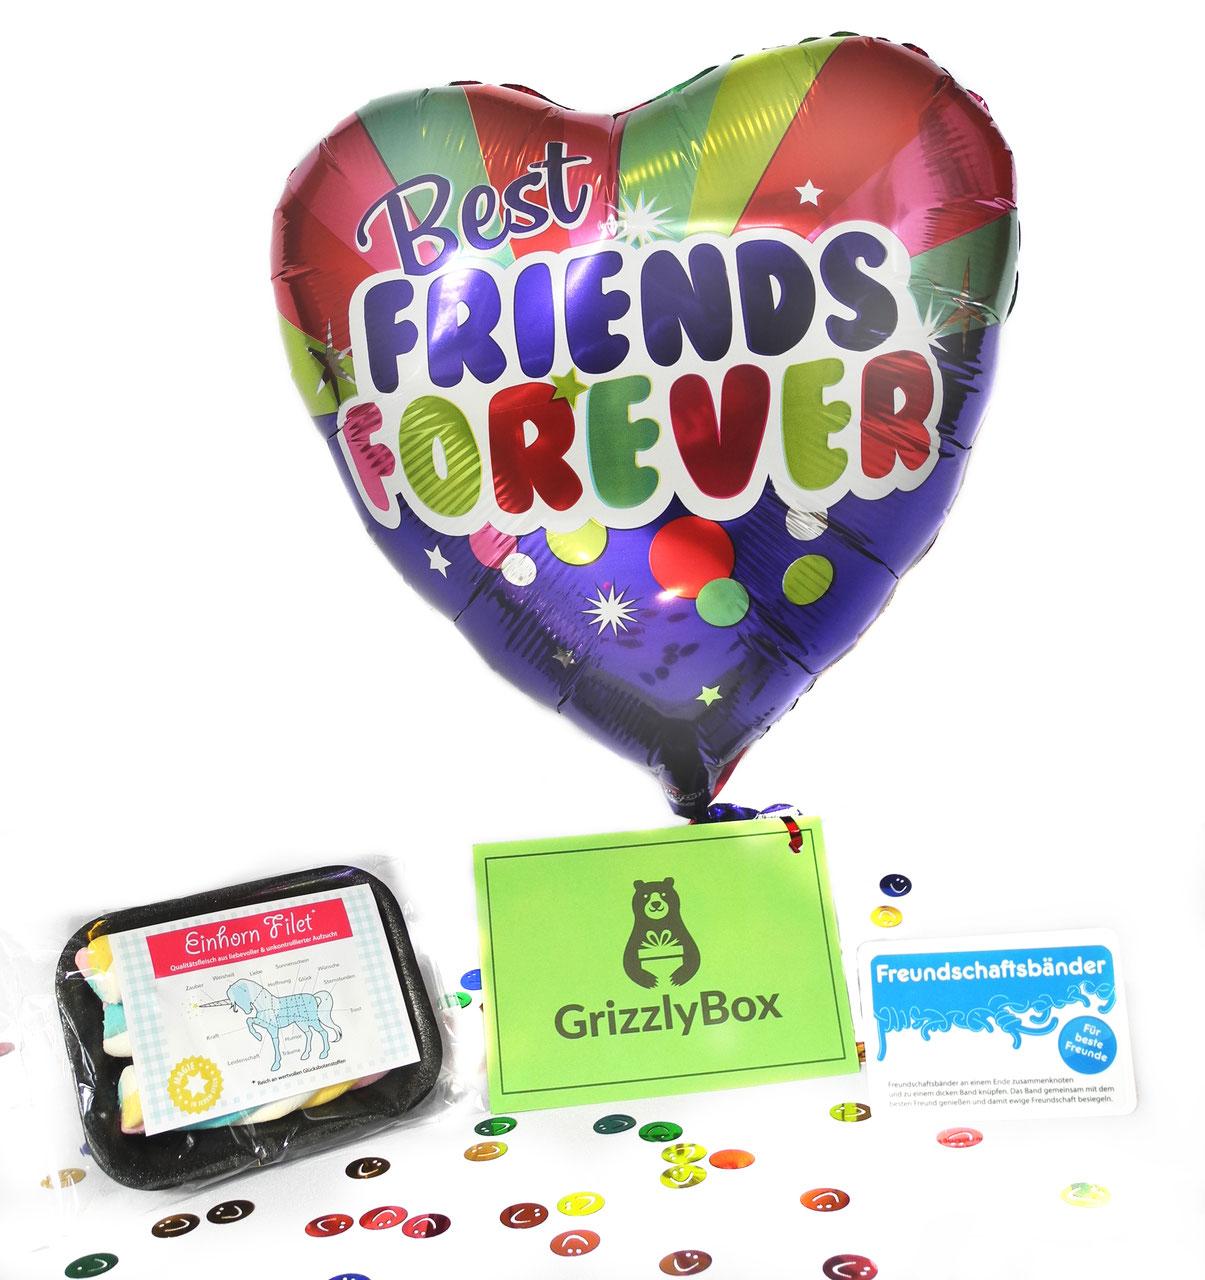 versandhandel grizzlybox geschenkboxen per post. Black Bedroom Furniture Sets. Home Design Ideas